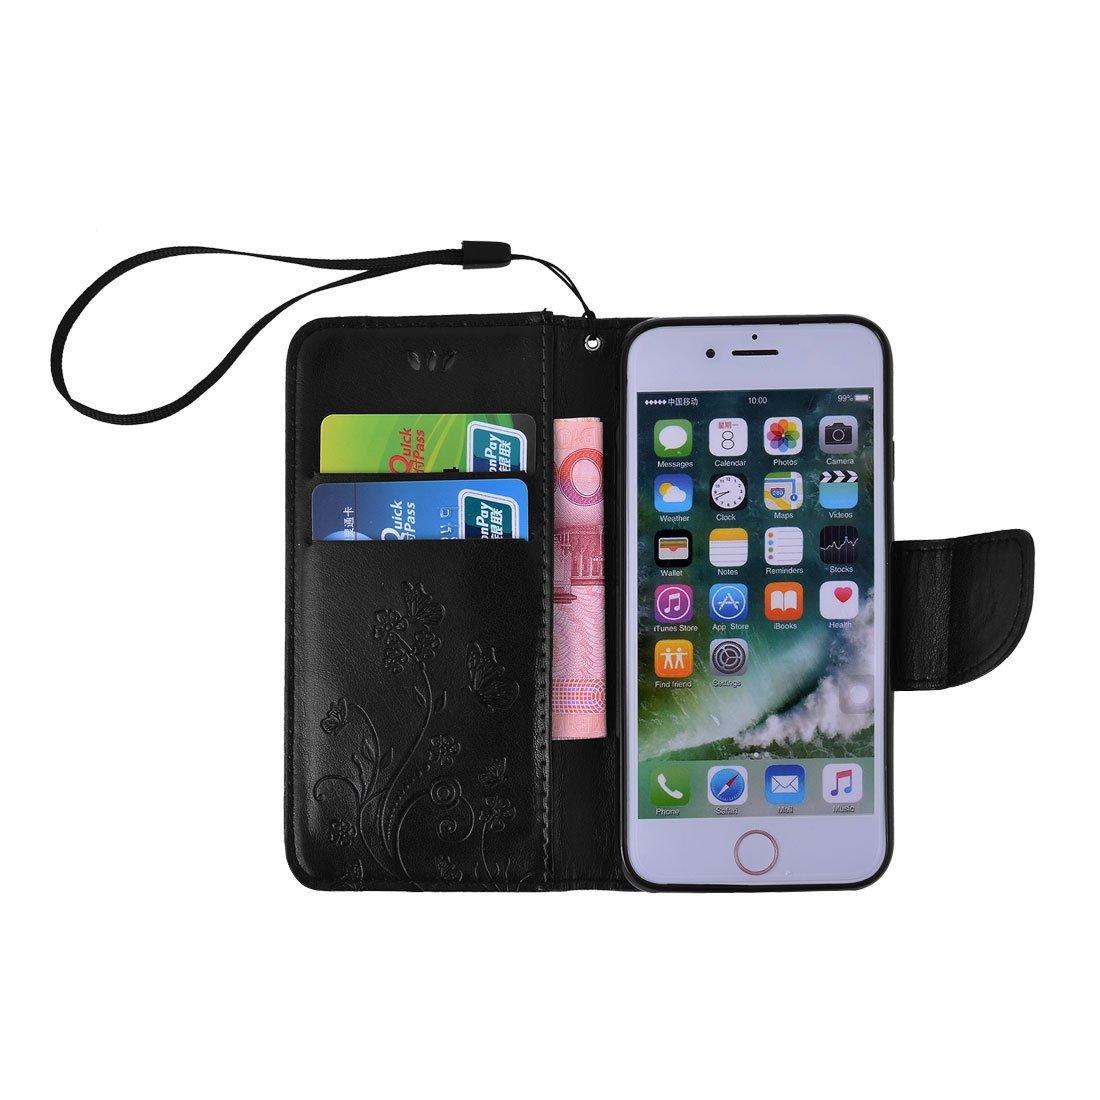 Amazon.com : eDealMax Cuero de la Flor de Mariposa de la cubierta del caso del tirón del patrón Monedero Negro Shell Para el iPhone 7 : Sports & Outdoors